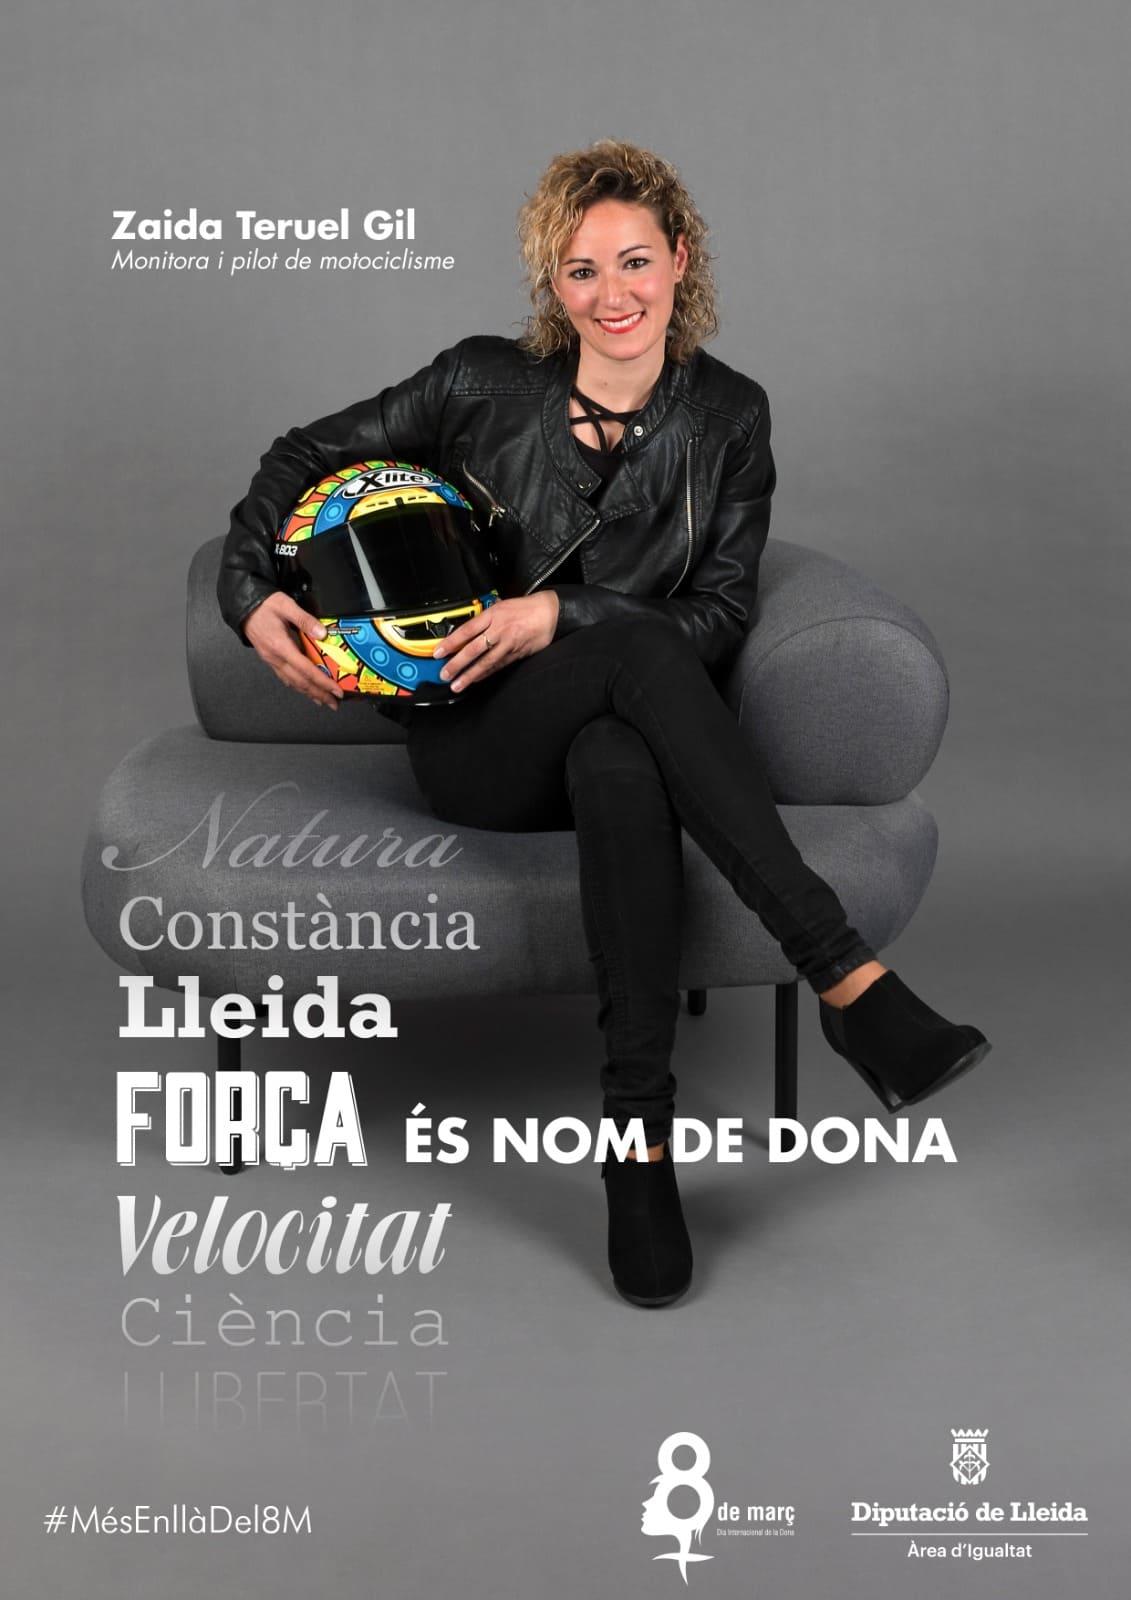 Zaida Teruel Gil, pilot motociclisme, campanya Nom de dona de la Diputació de Lleida